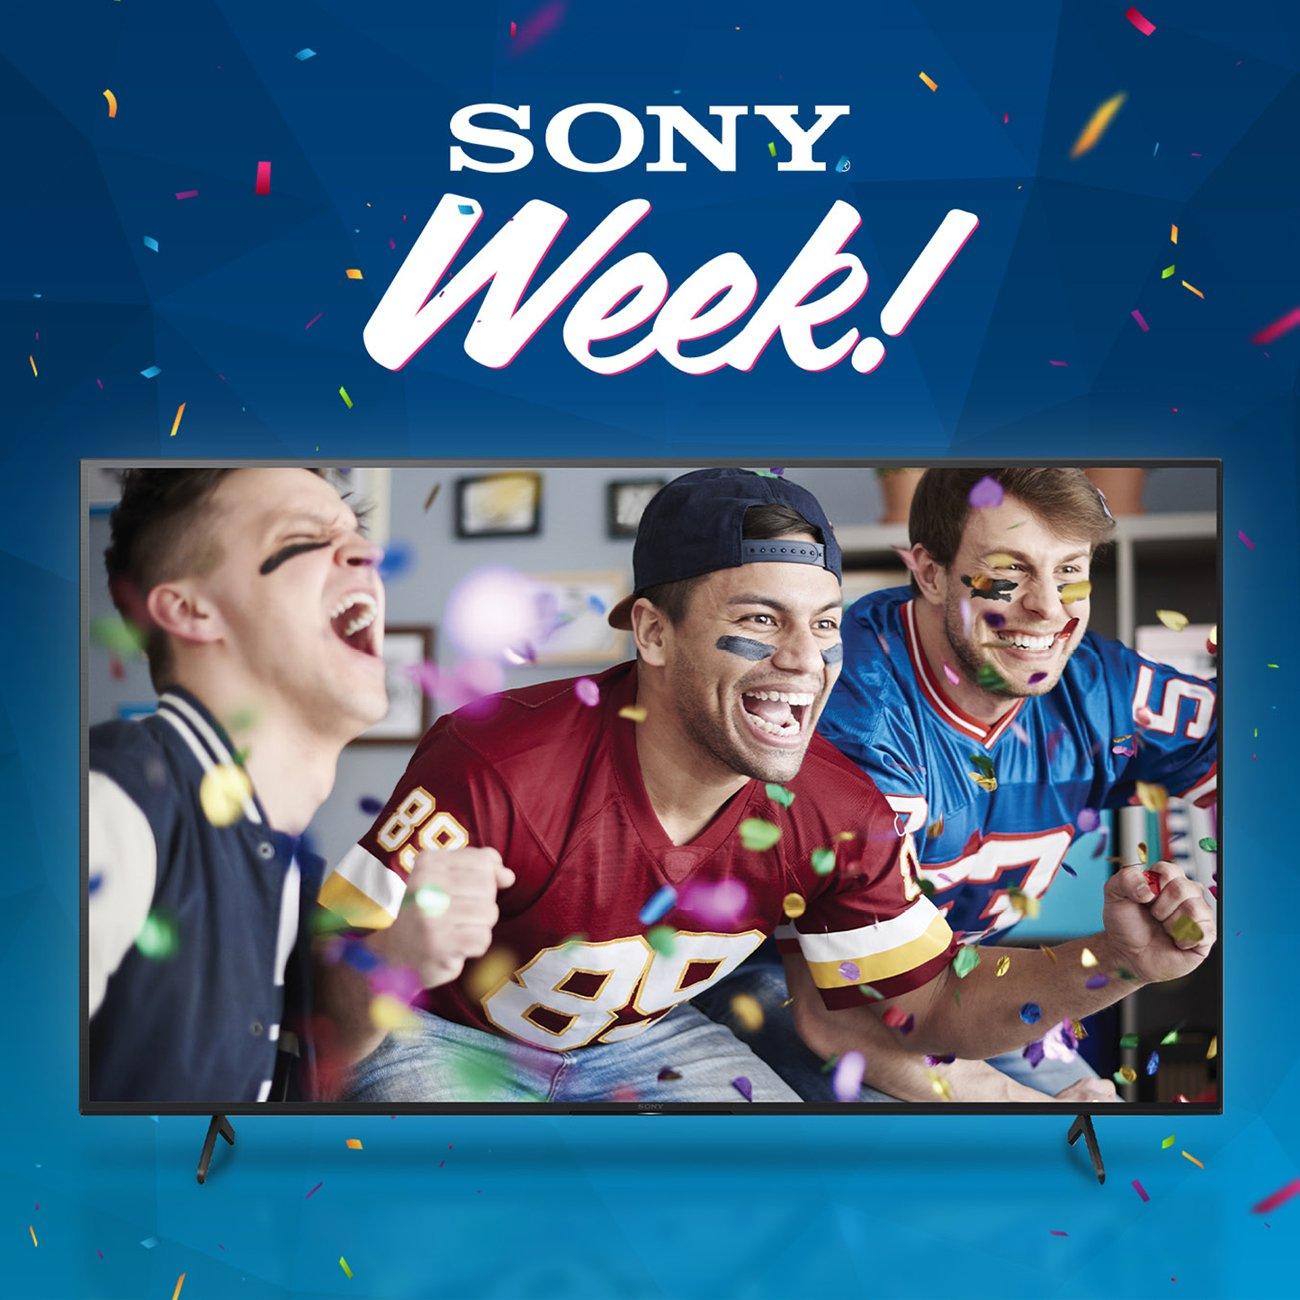 Sony-week